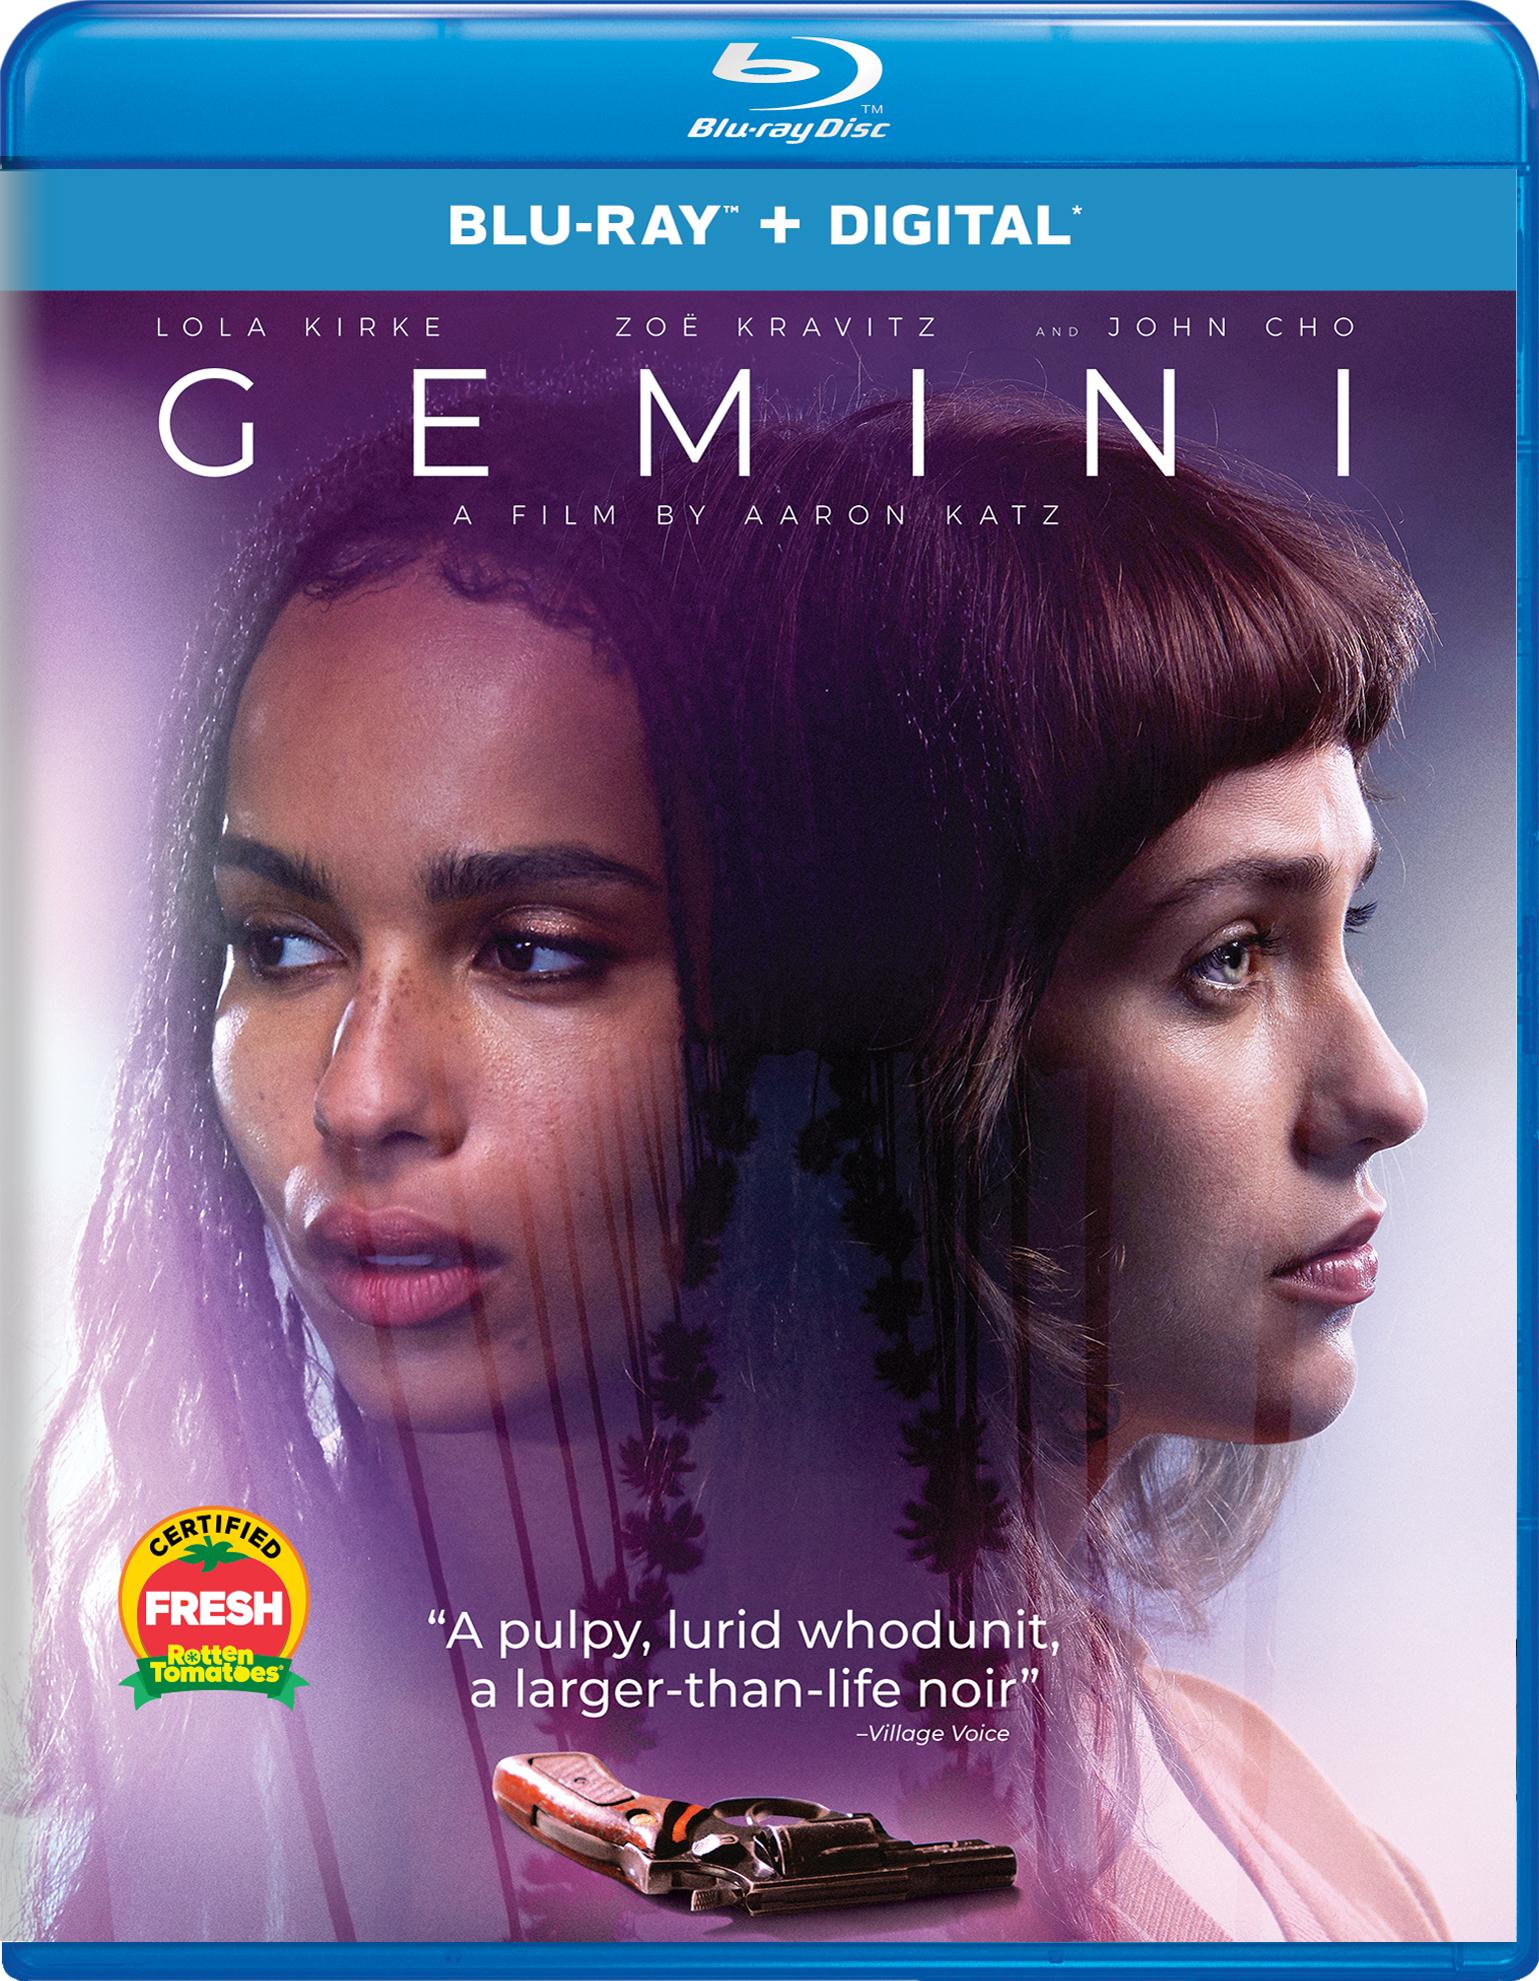 Gemini (2017) Blu-ray